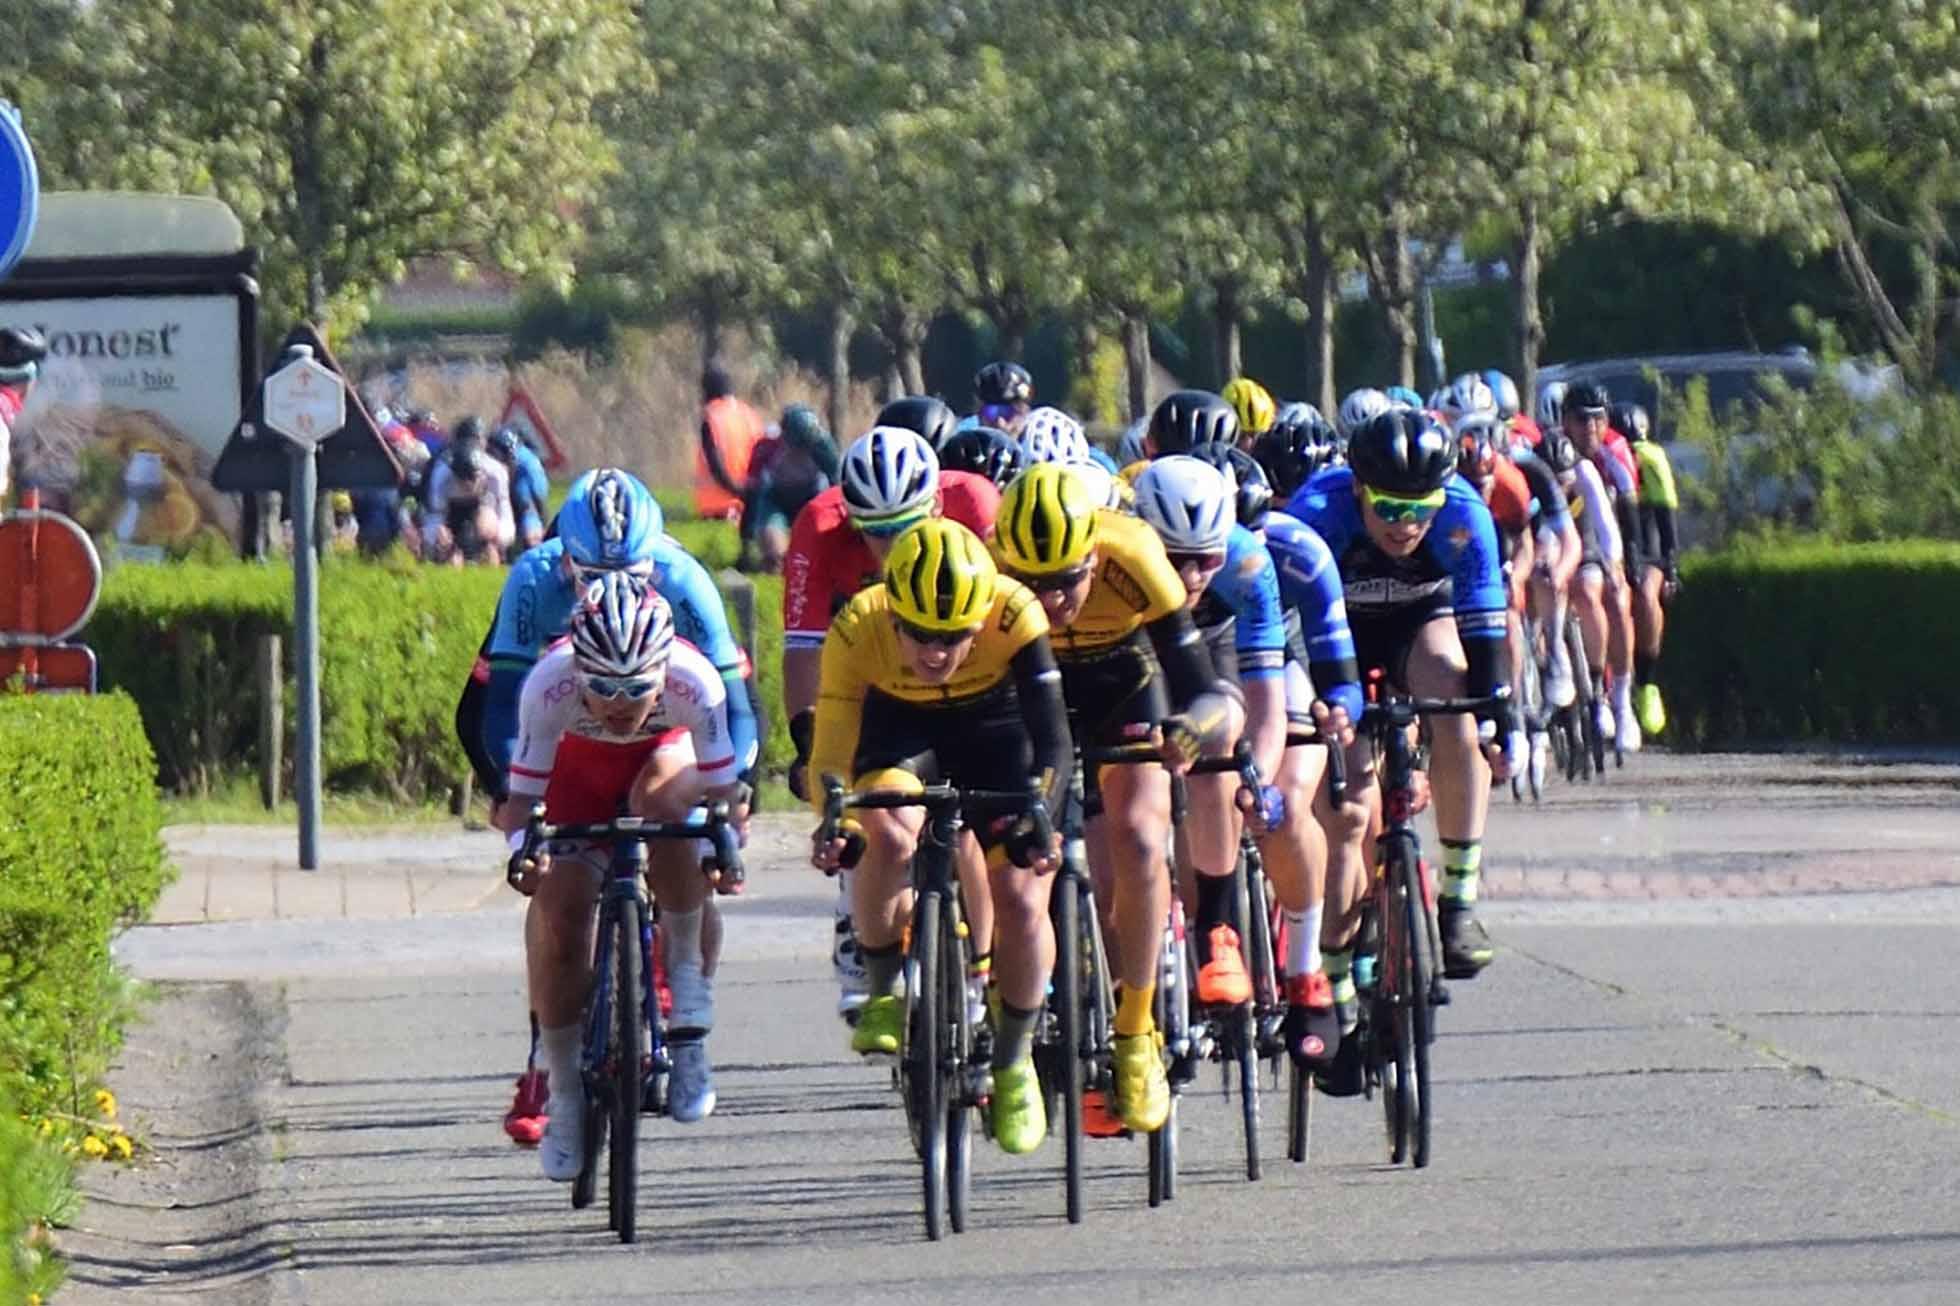 Bredene U23 欧州ベルギー遠征第8戦